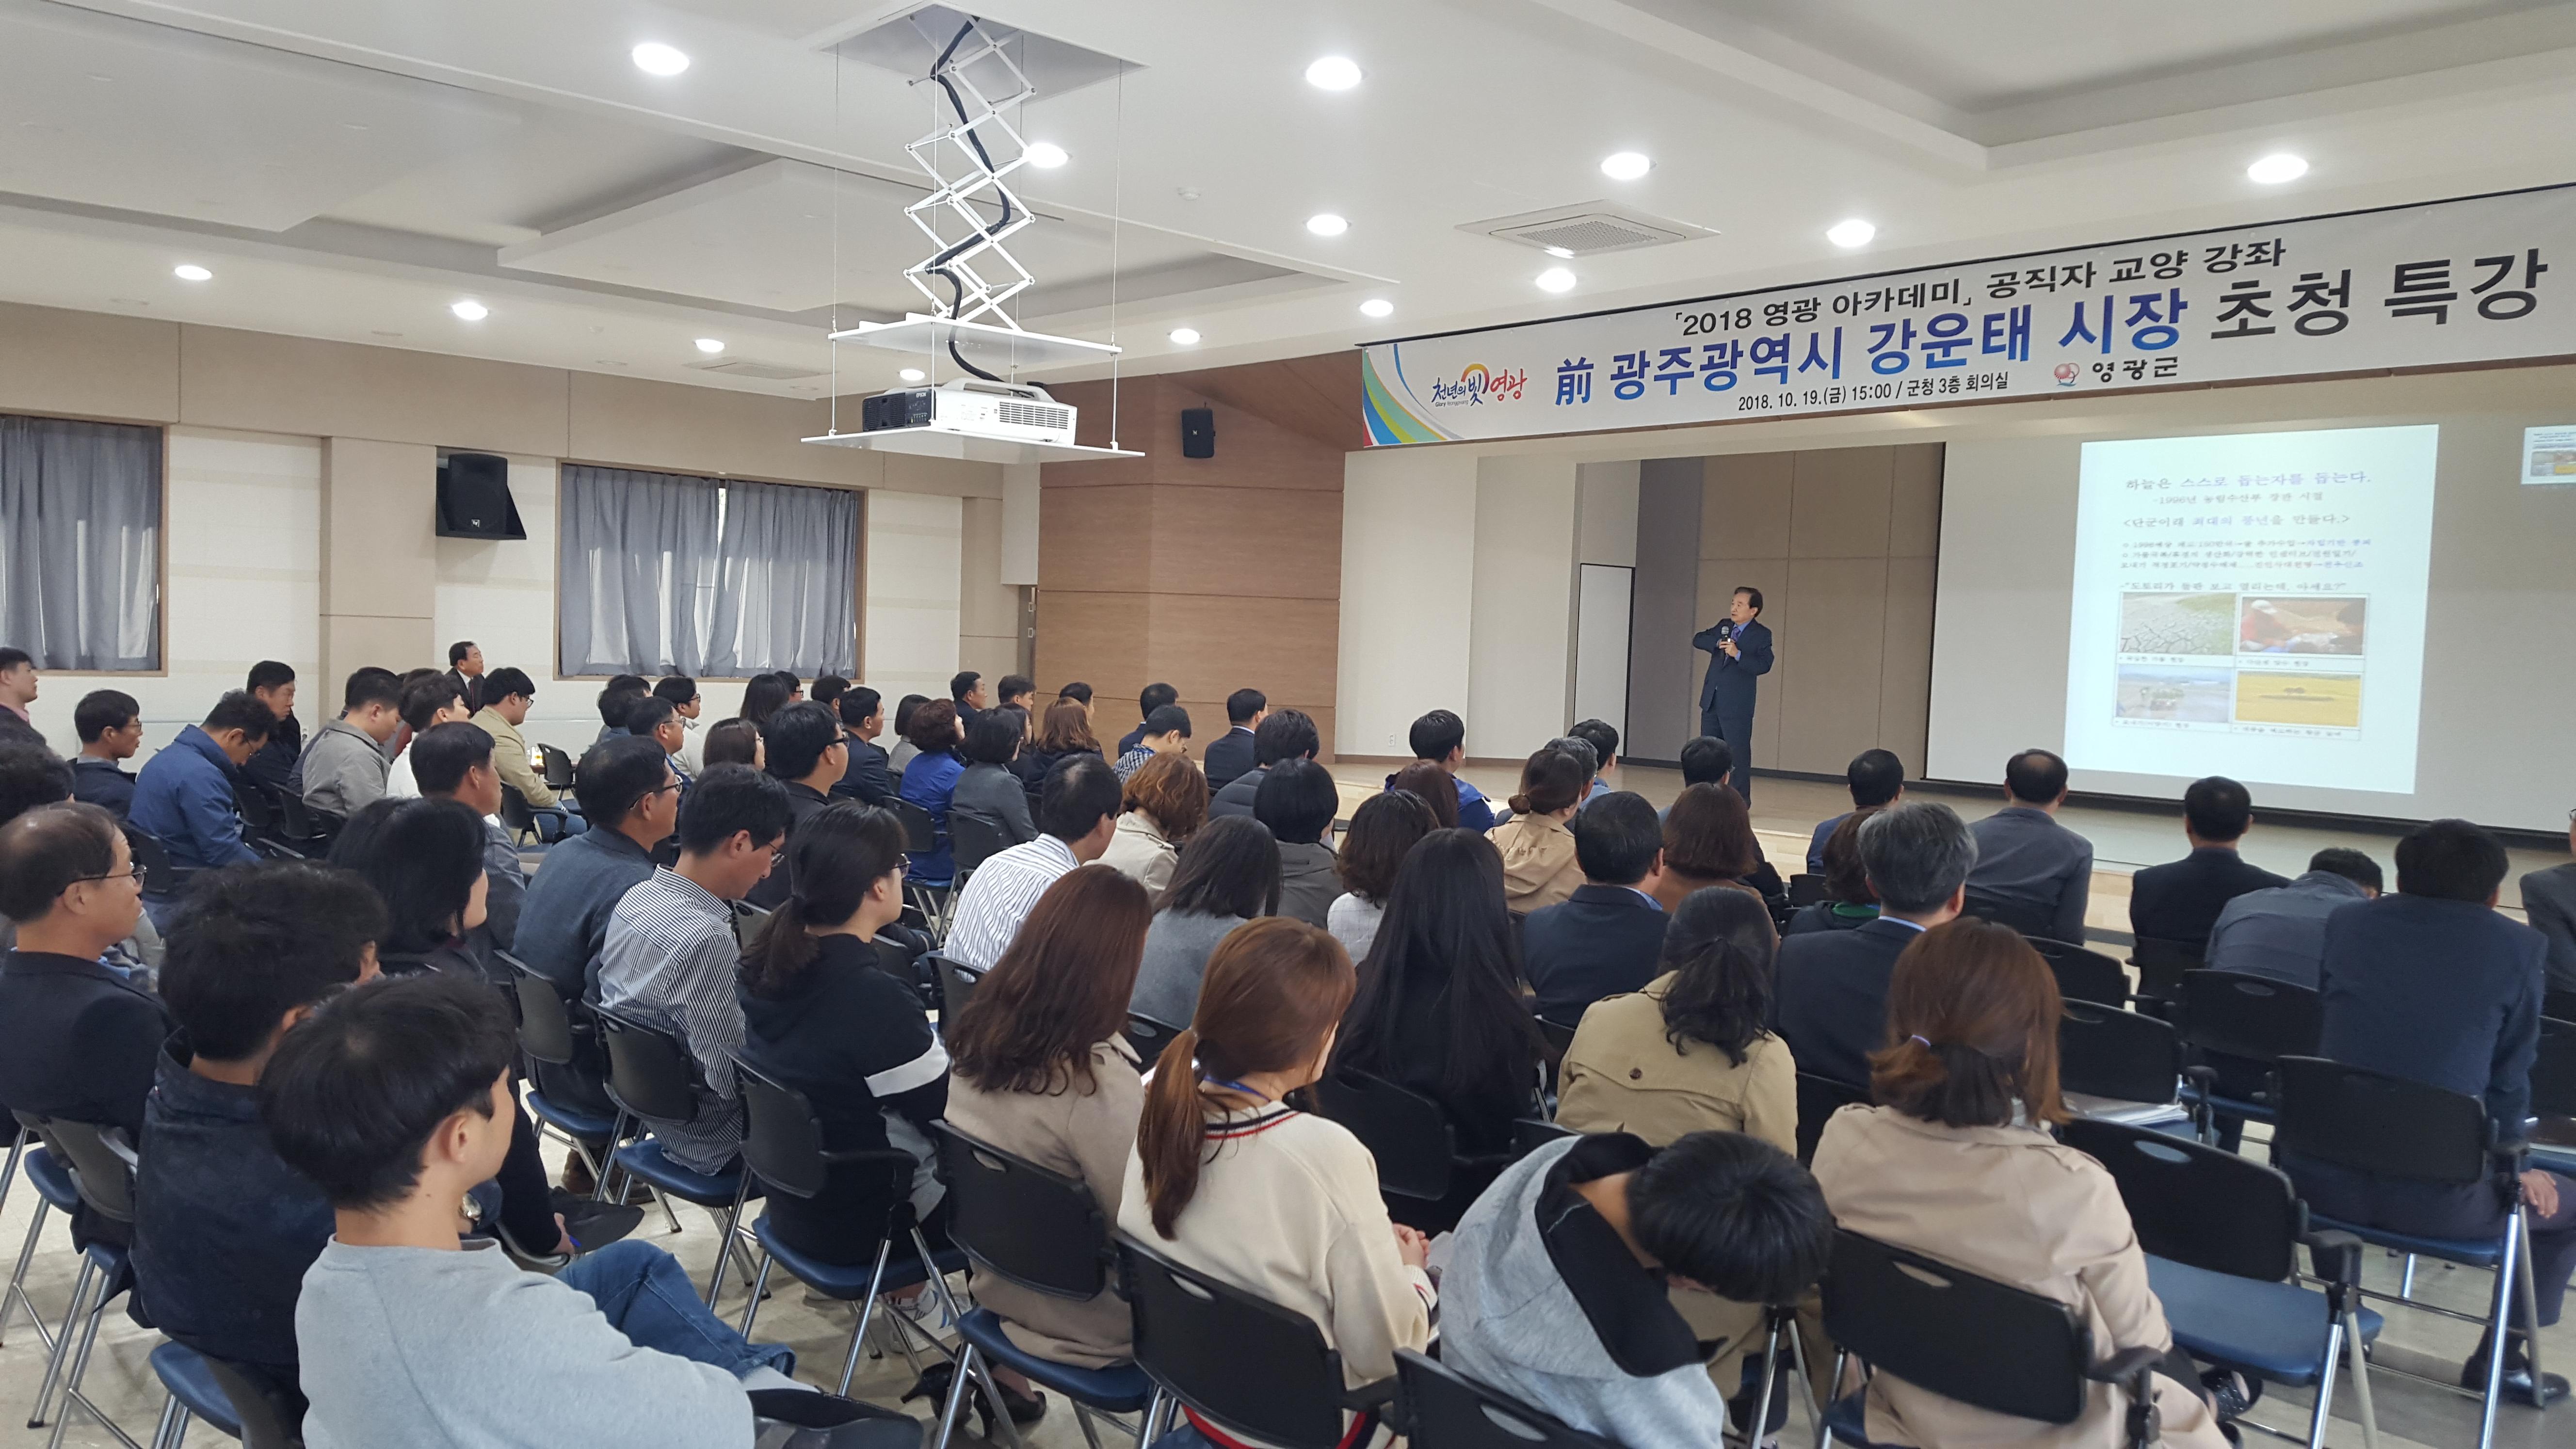 - 「2018 영광아카데미」10월 강좌 -